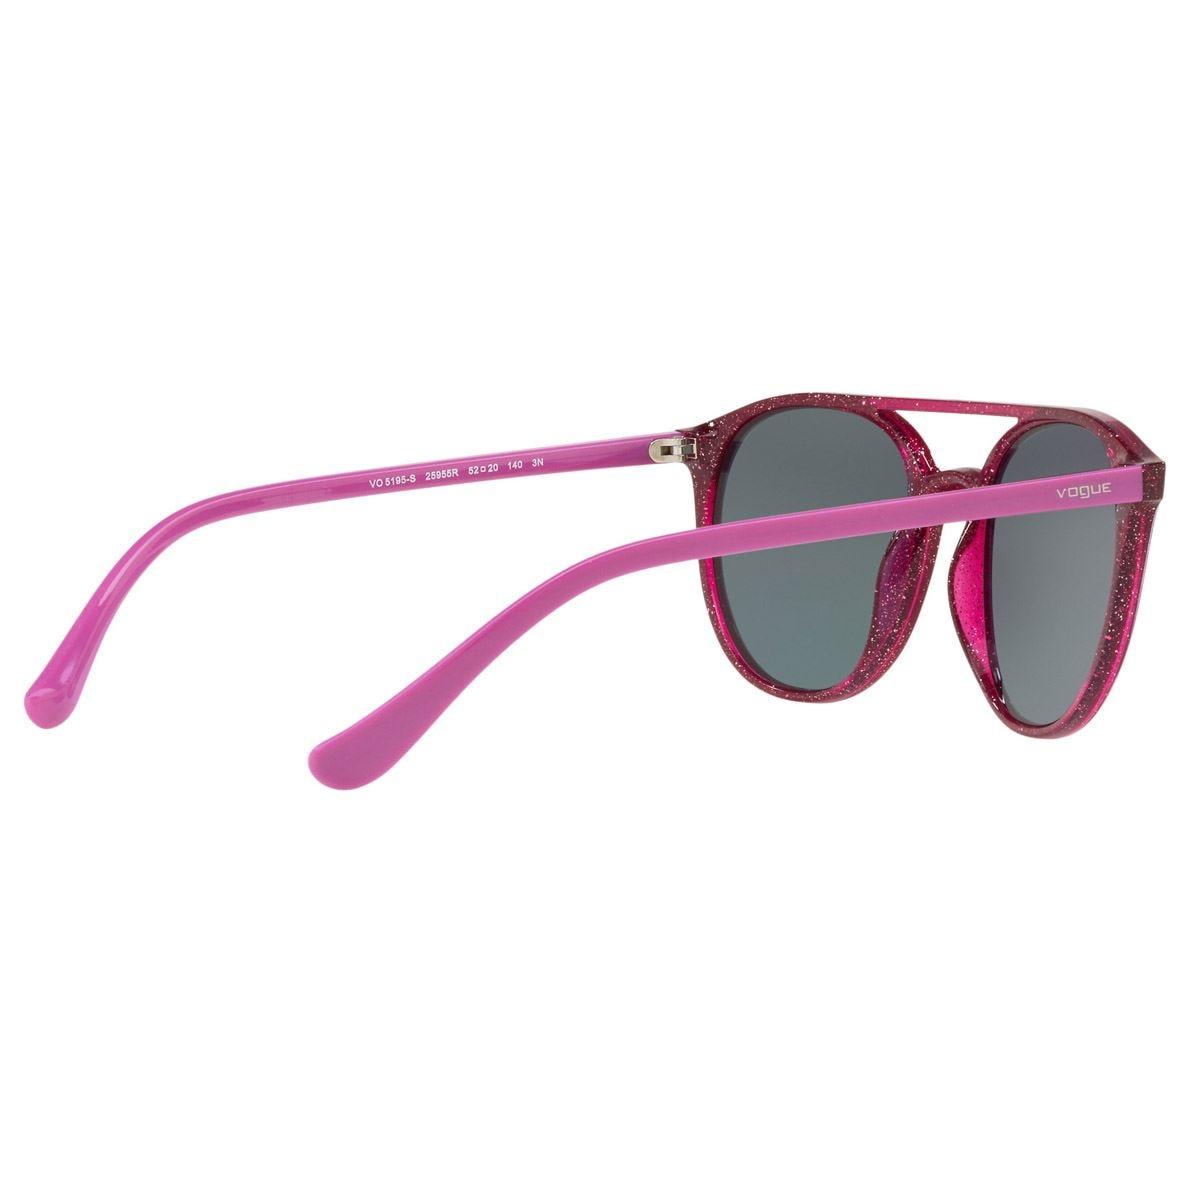 Vogue gris-oro rosa espejado armazón violeta  - Sanborns